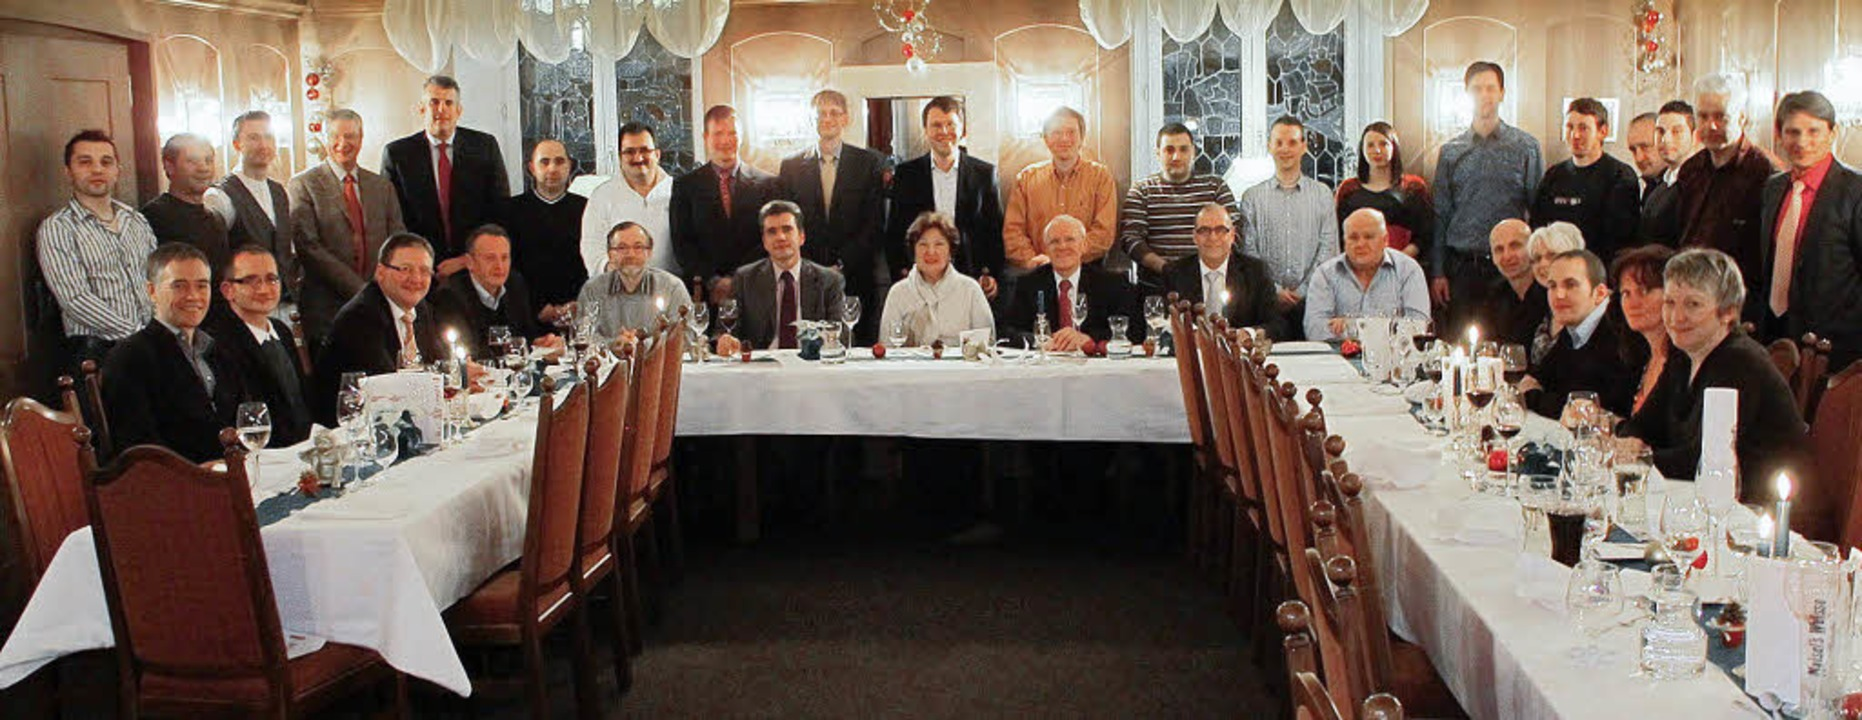 Strahlende Gesichter bei Busch: Die Ge... sie von der Firma eingeladen wurden.     Foto: Firma